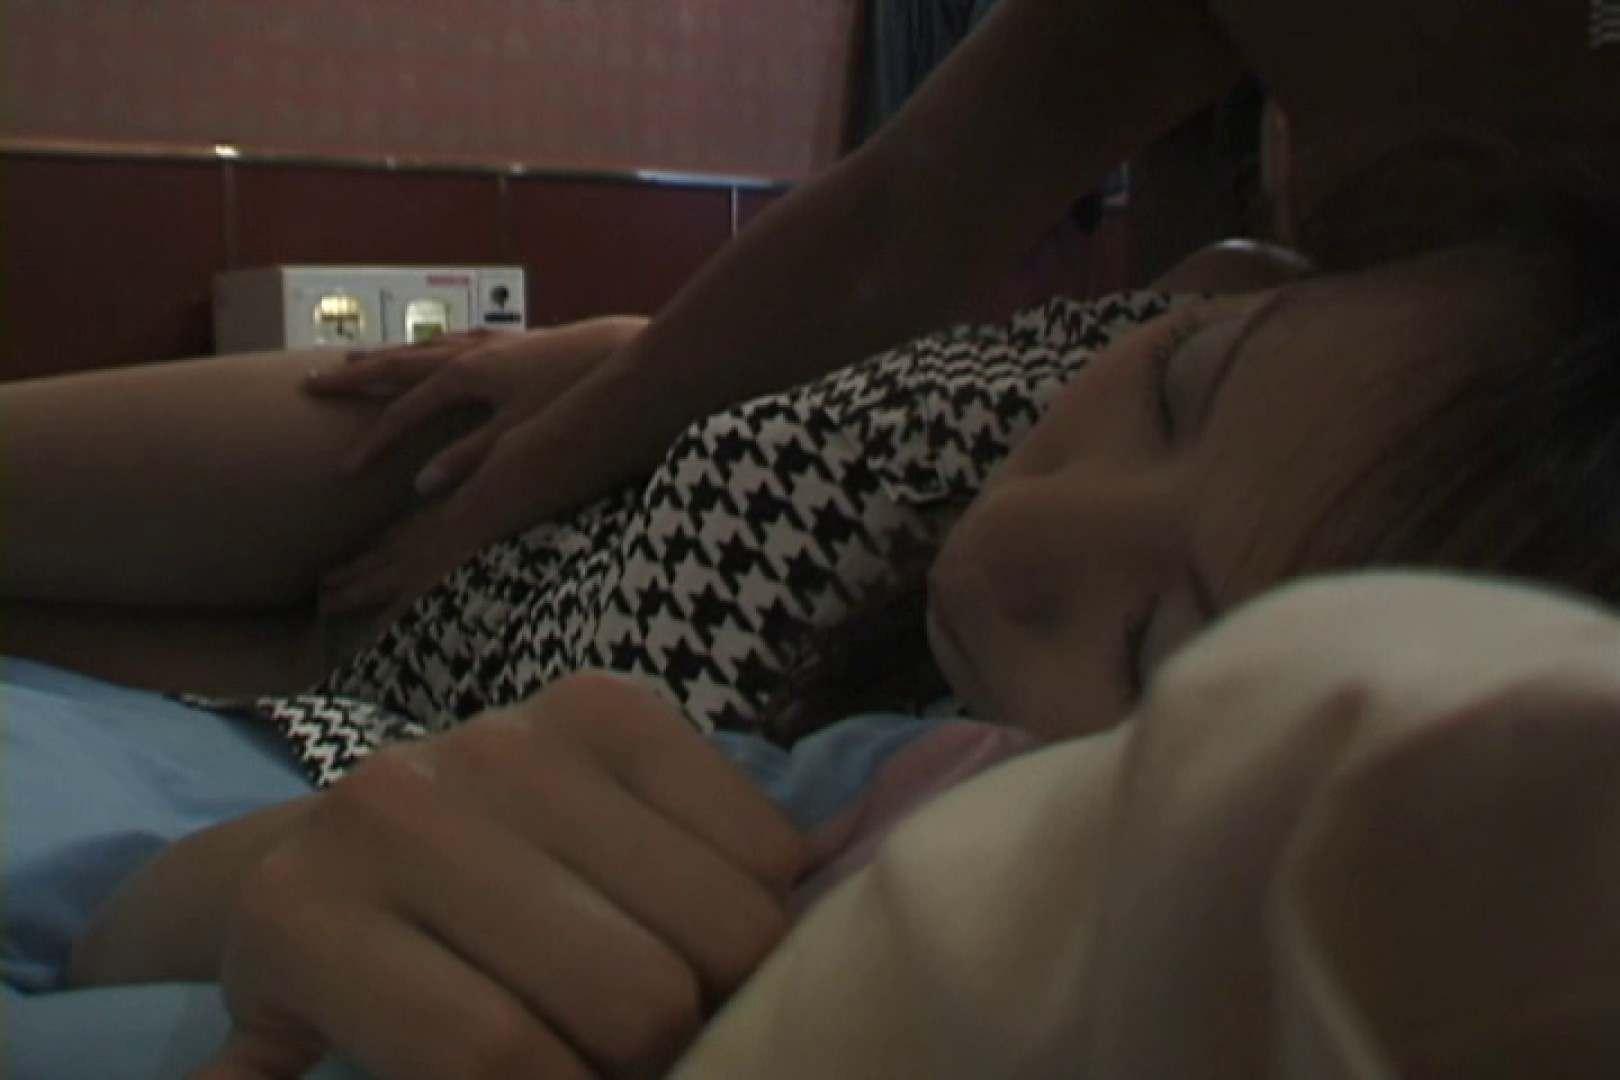 旦那との愛よりも、愛人とのSEX~片瀬梨子~vol,1 ホテル 濡れ場動画紹介 58連発 26